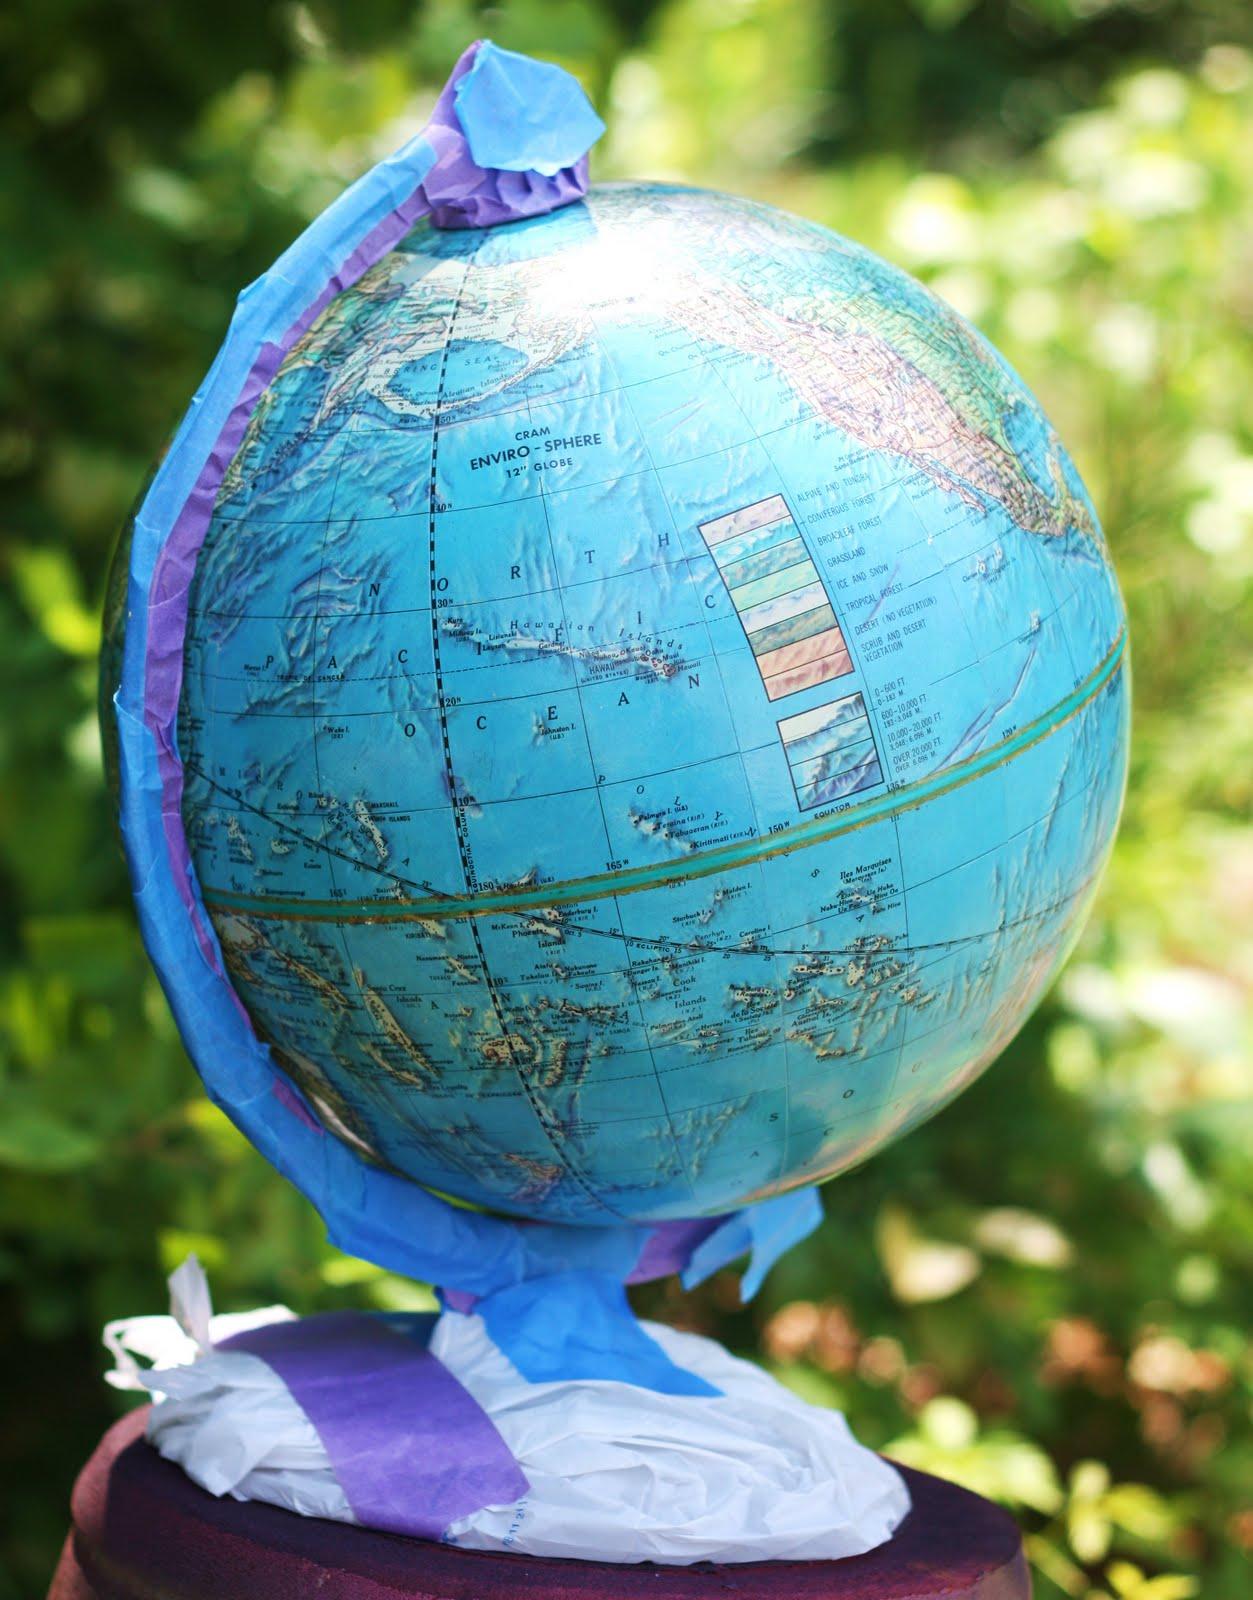 Hoot Designs Chalkboard Globe Project